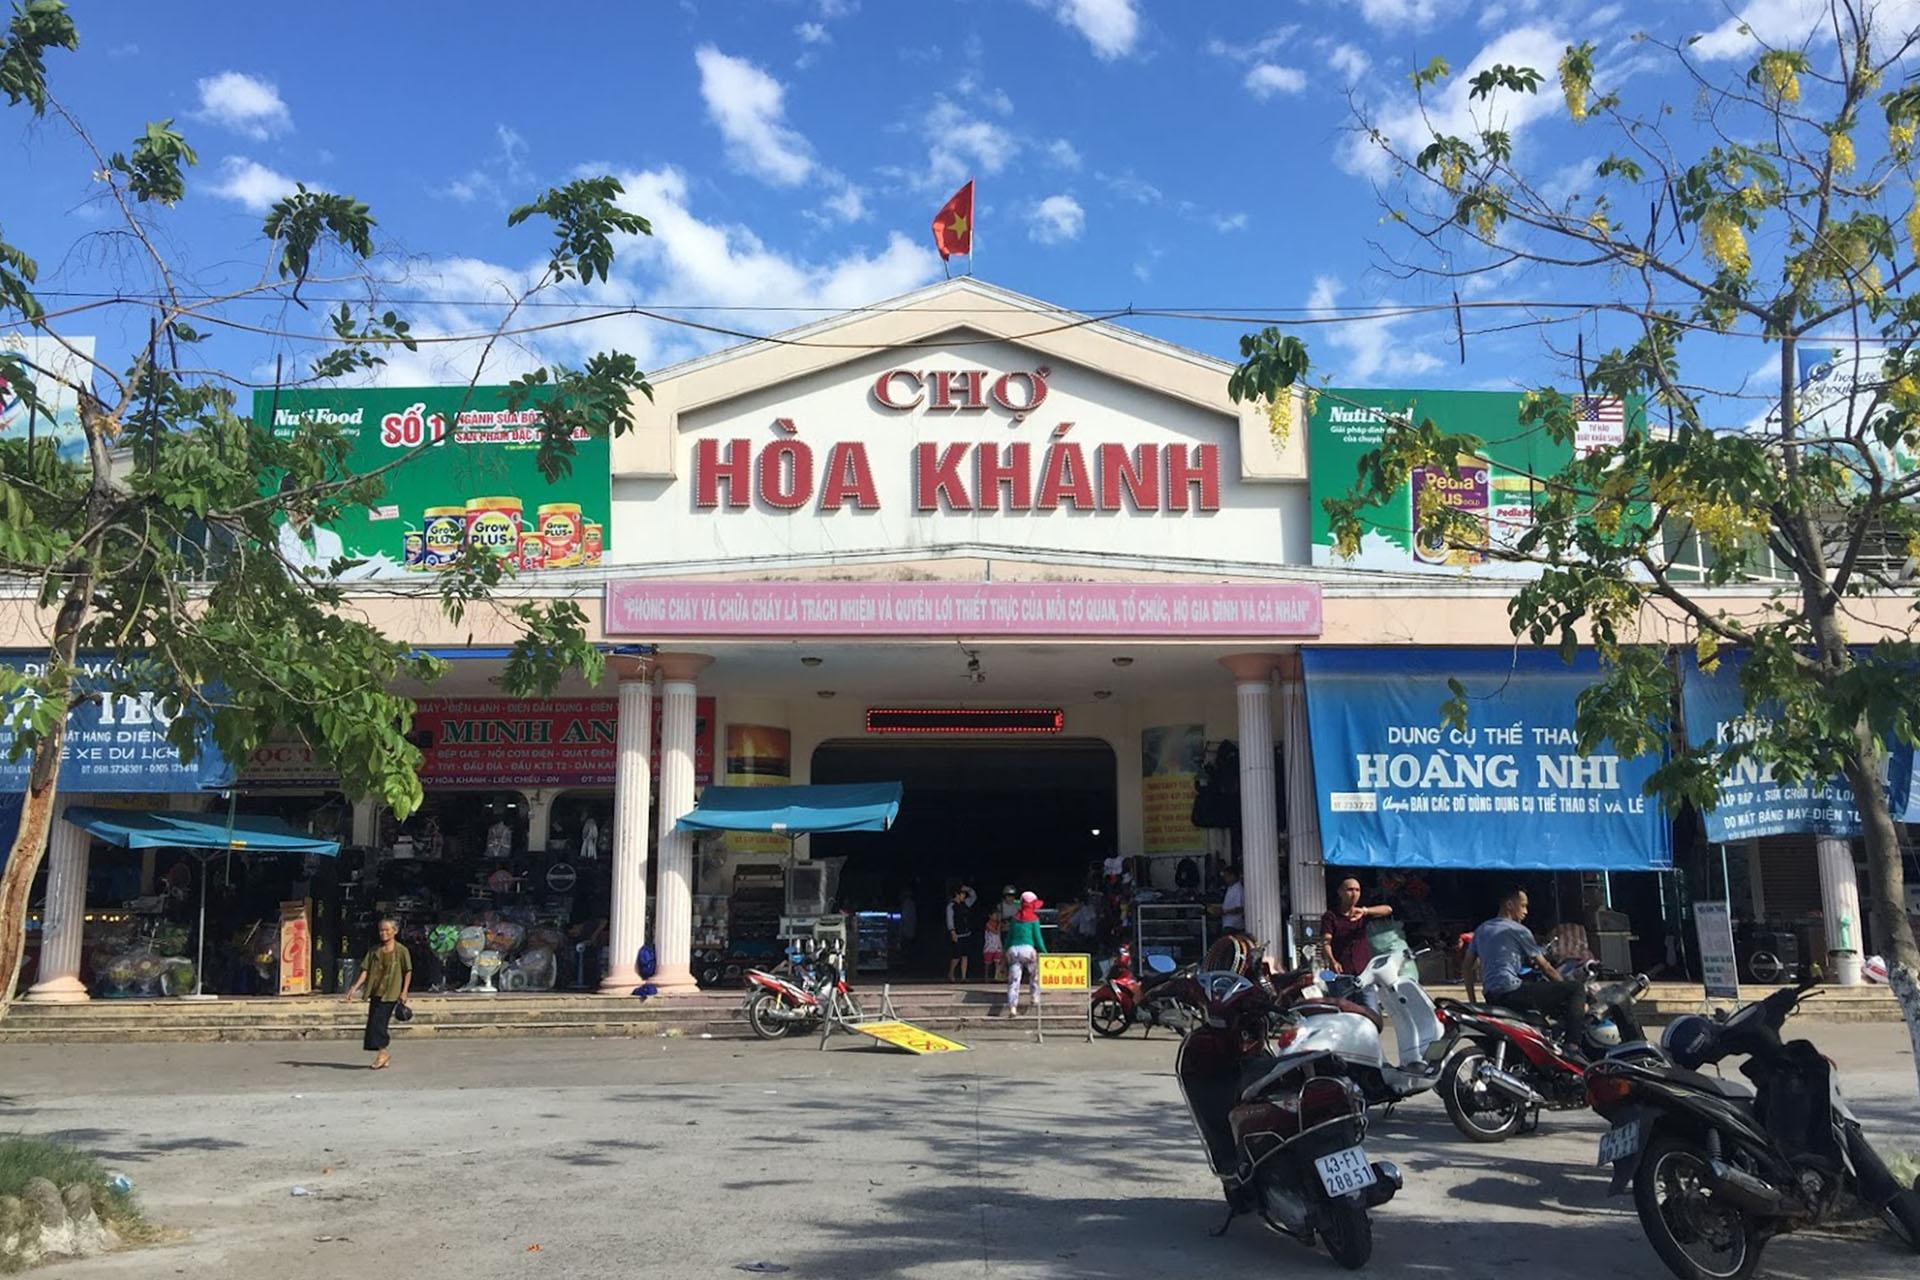 Cho Hoa Khanh Da Nang